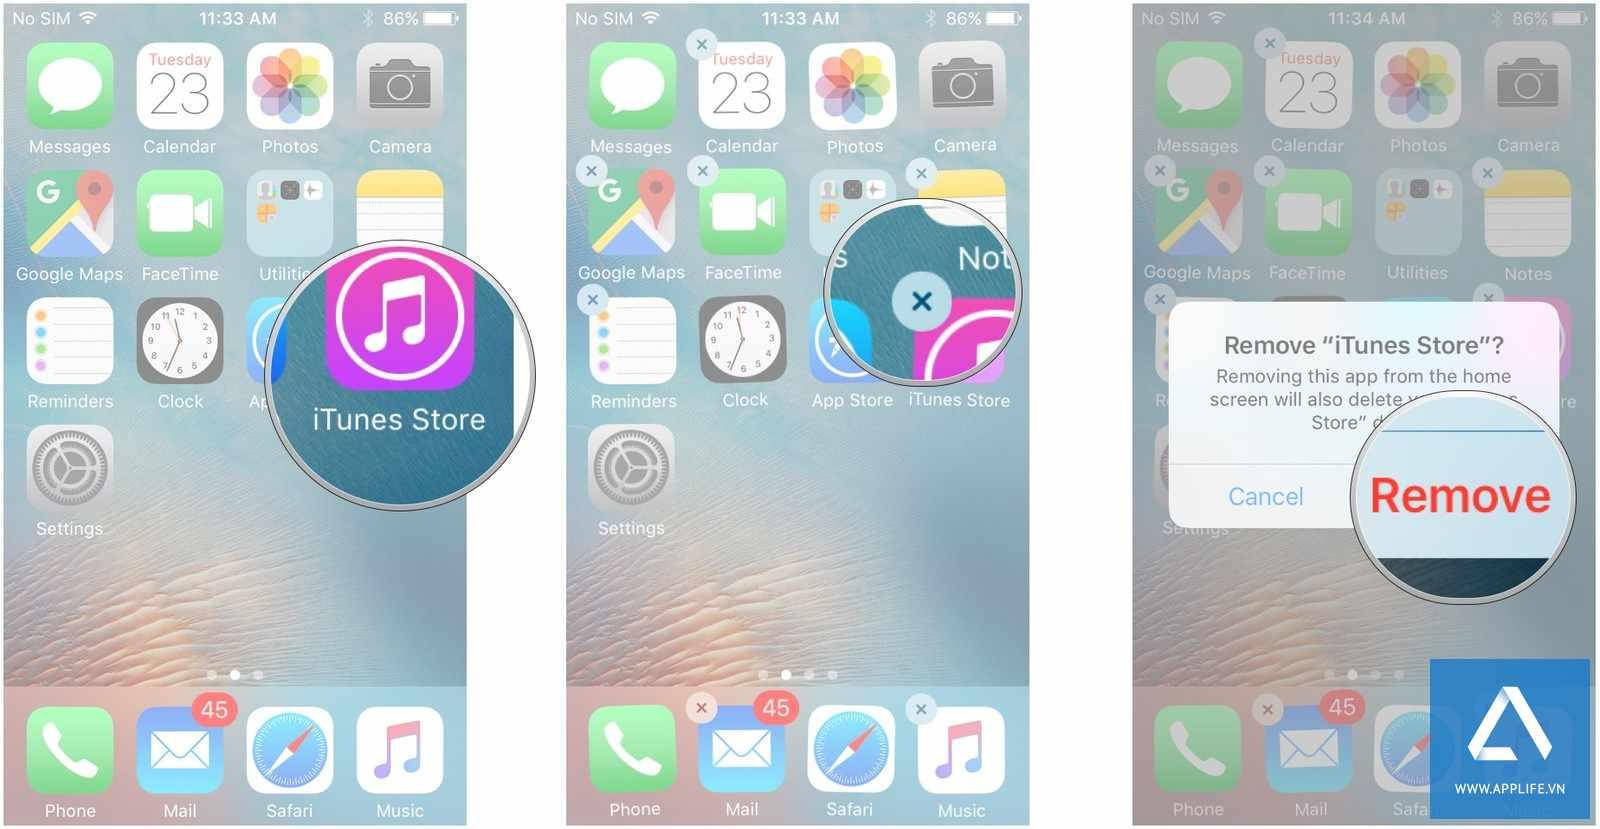 Các bước tuần tự để xóa ứng dụng mặc định trên iOS 10